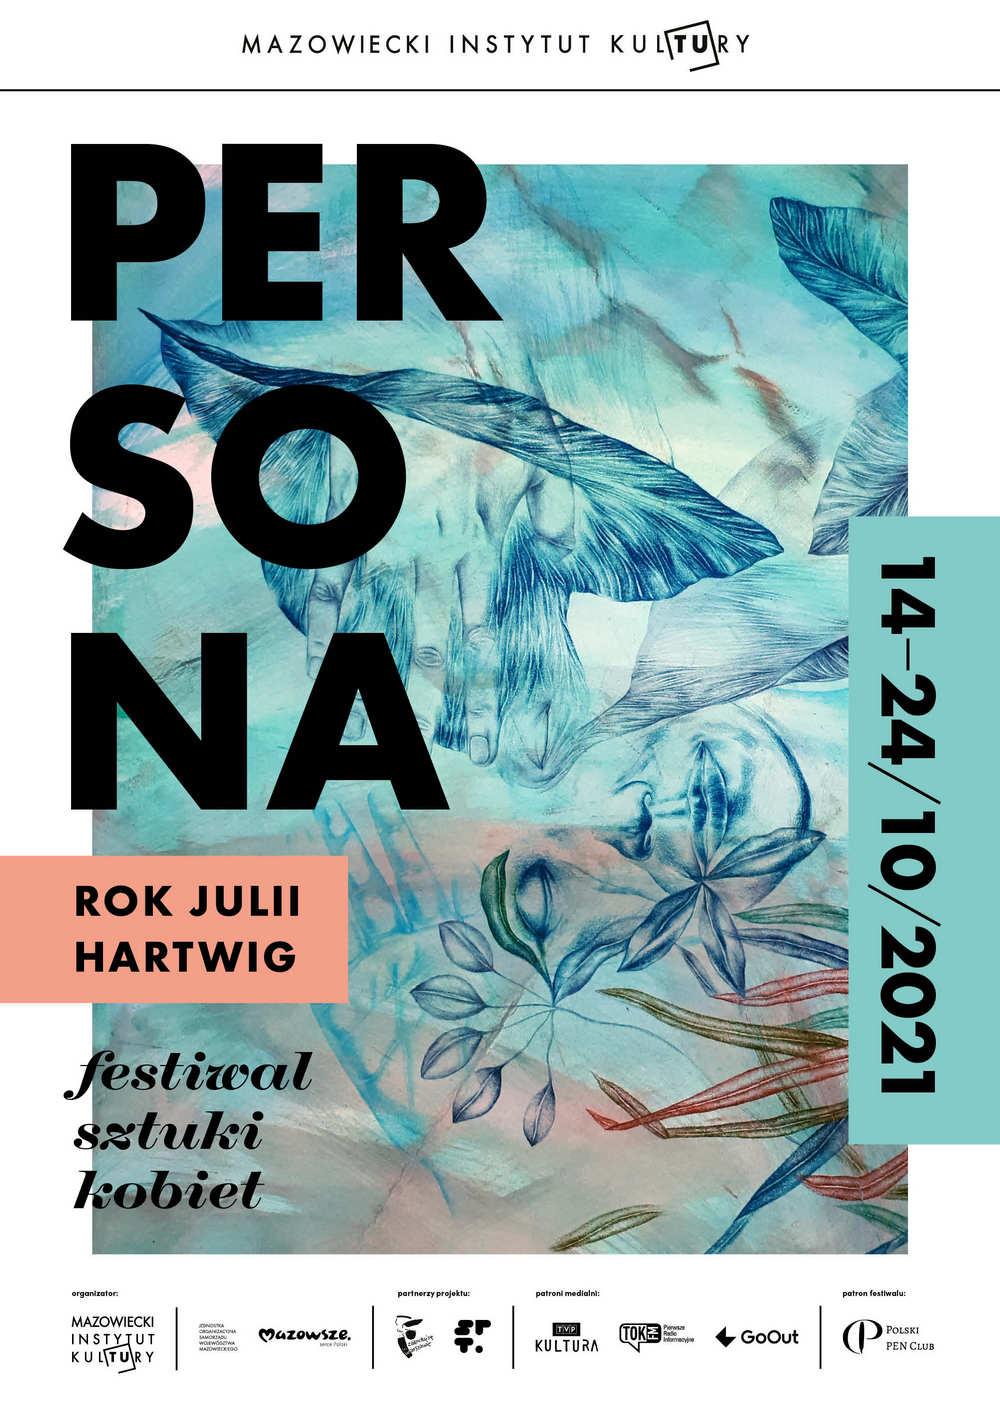 grafika: w tle półprzeźroczysty rysunek twarzy kobiety, całość w odcieniu niebieskim. Napis Persona, Rok Julii Hartwig